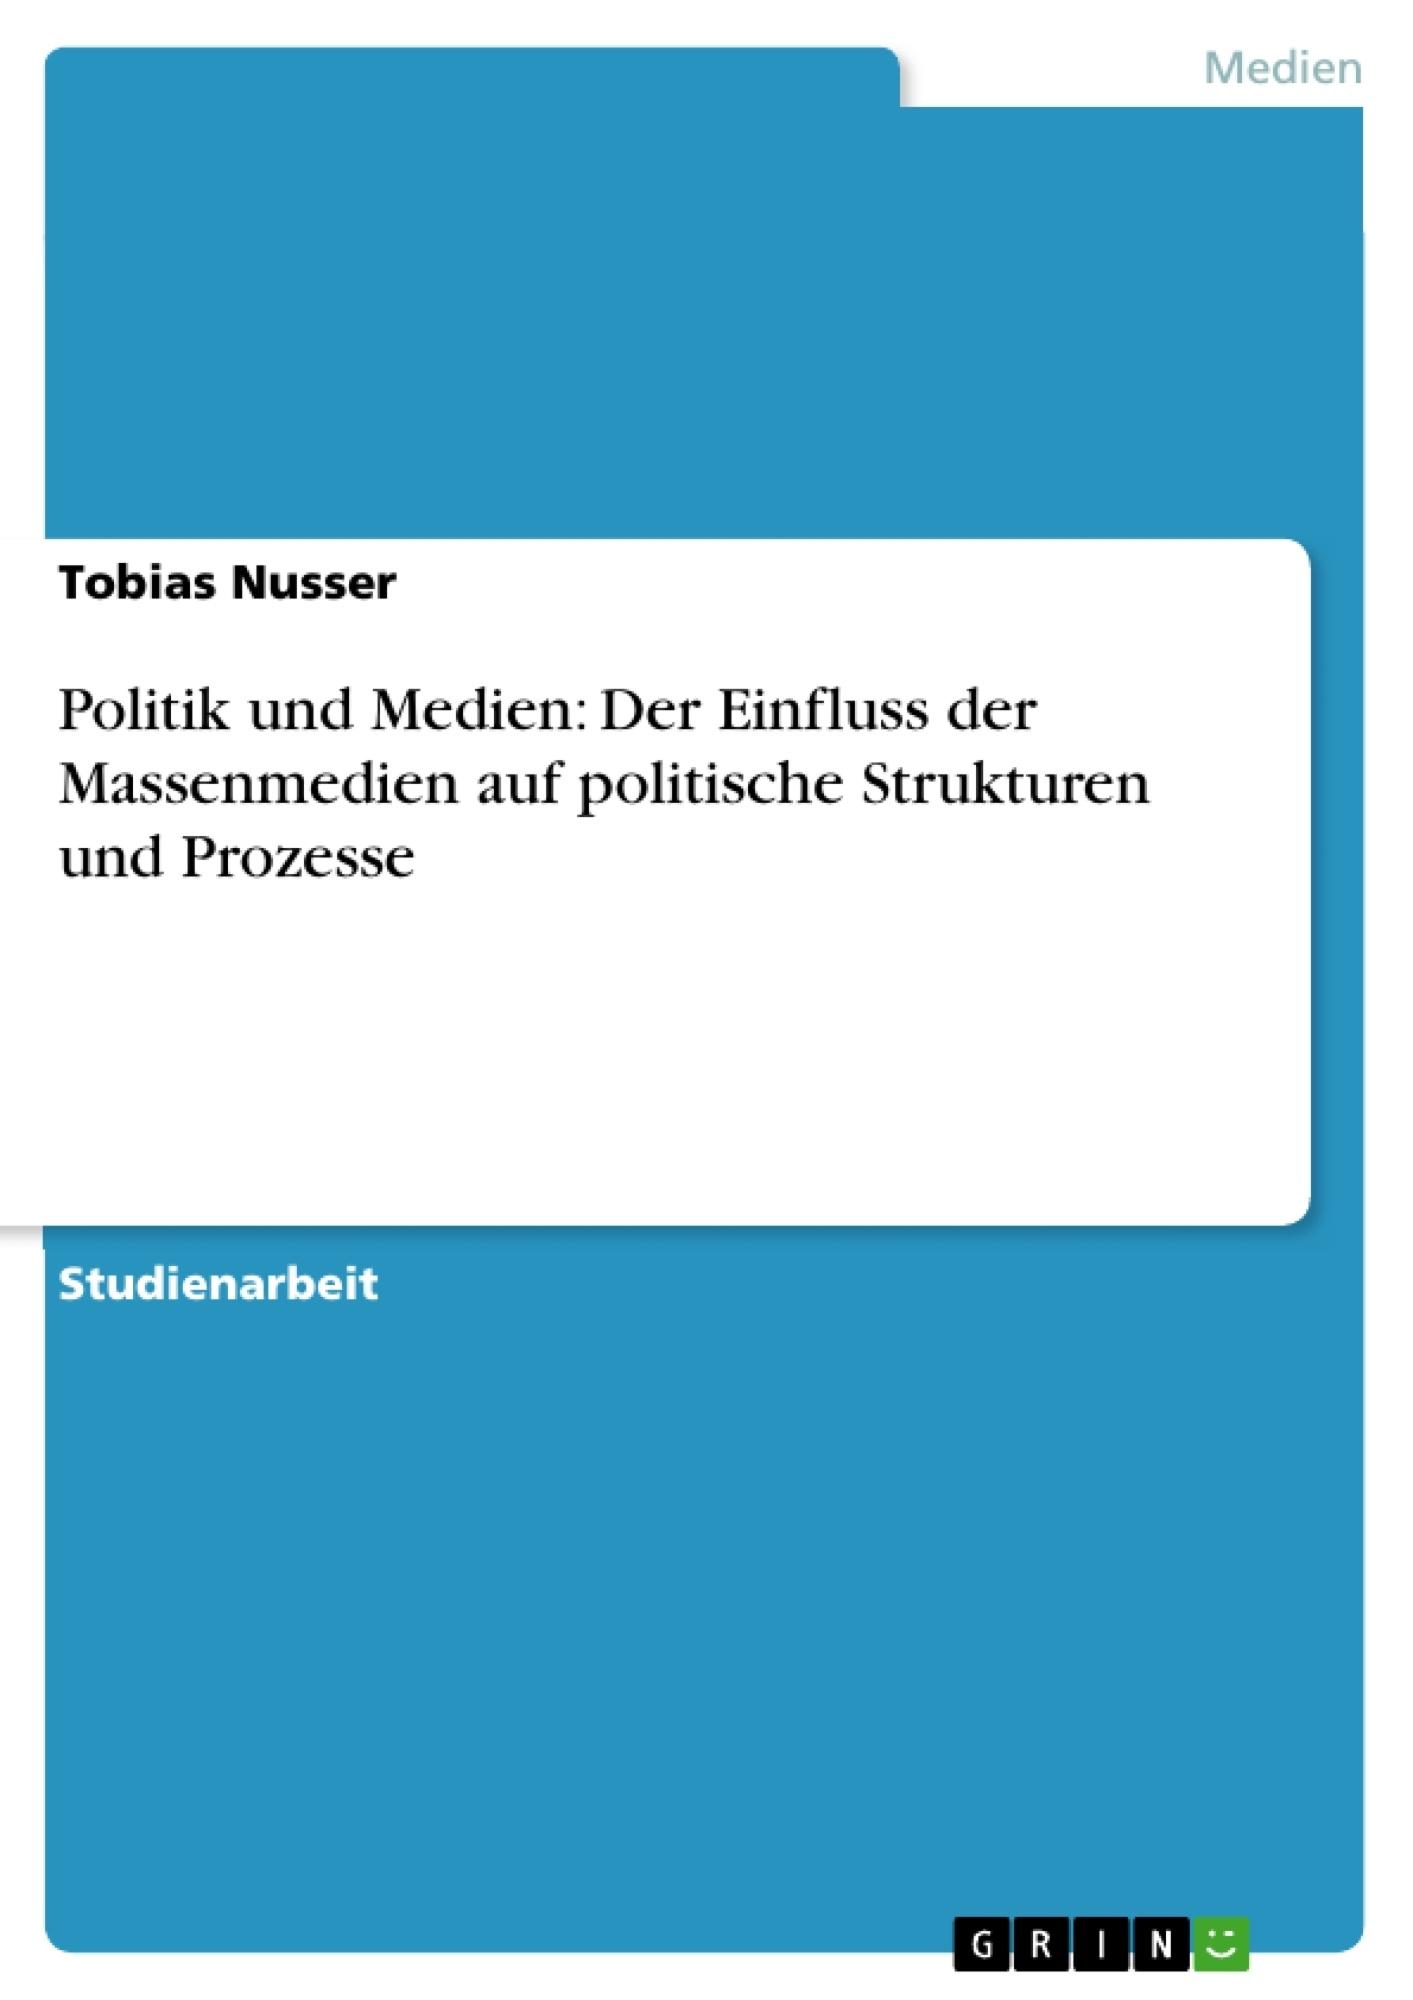 Titel: Politik und Medien: Der Einfluss der Massenmedien auf politische Strukturen und Prozesse